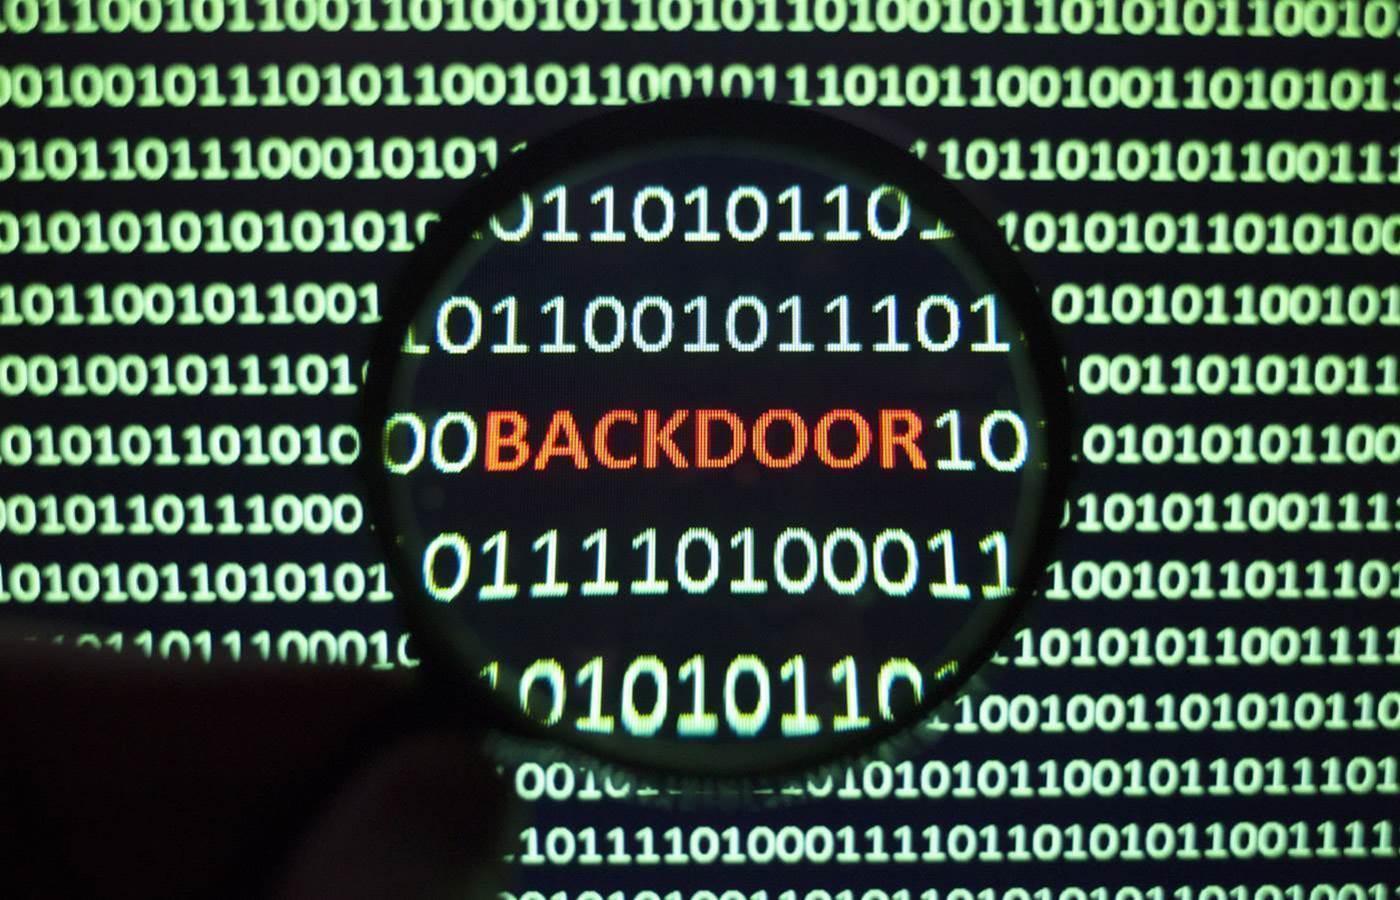 Decryption laws enter parliament